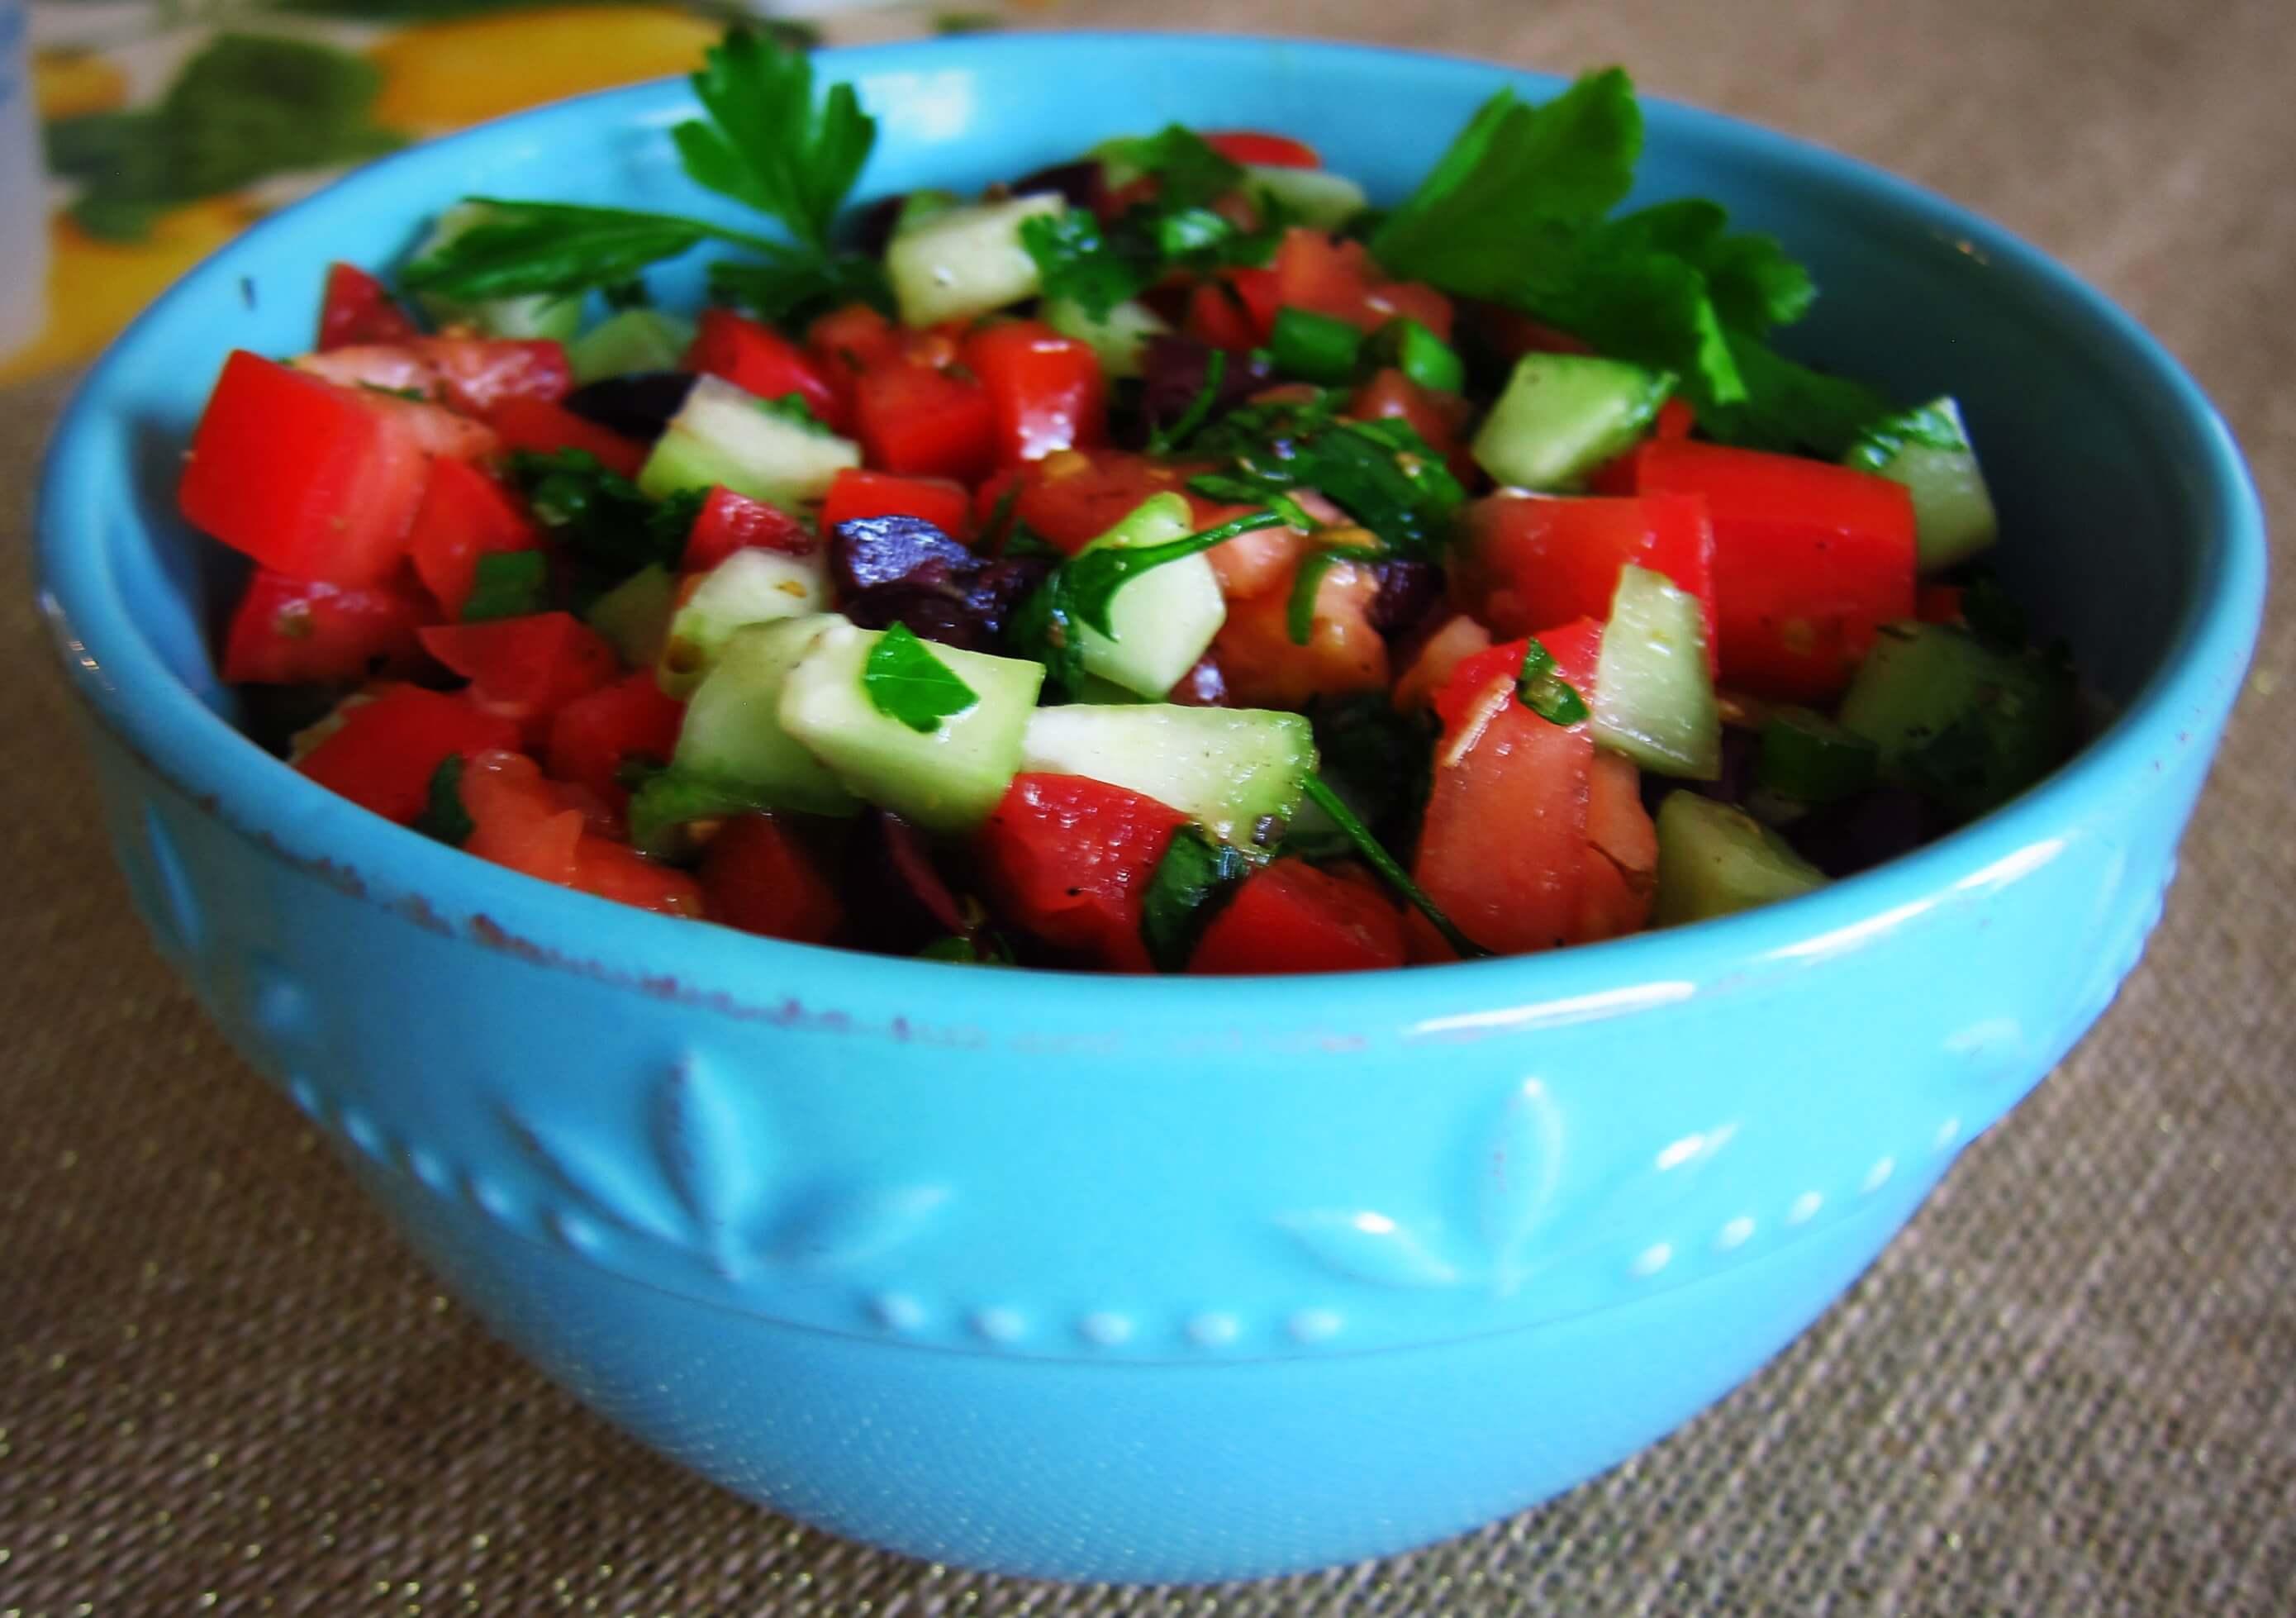 Mediterranean Salad in blue bowl